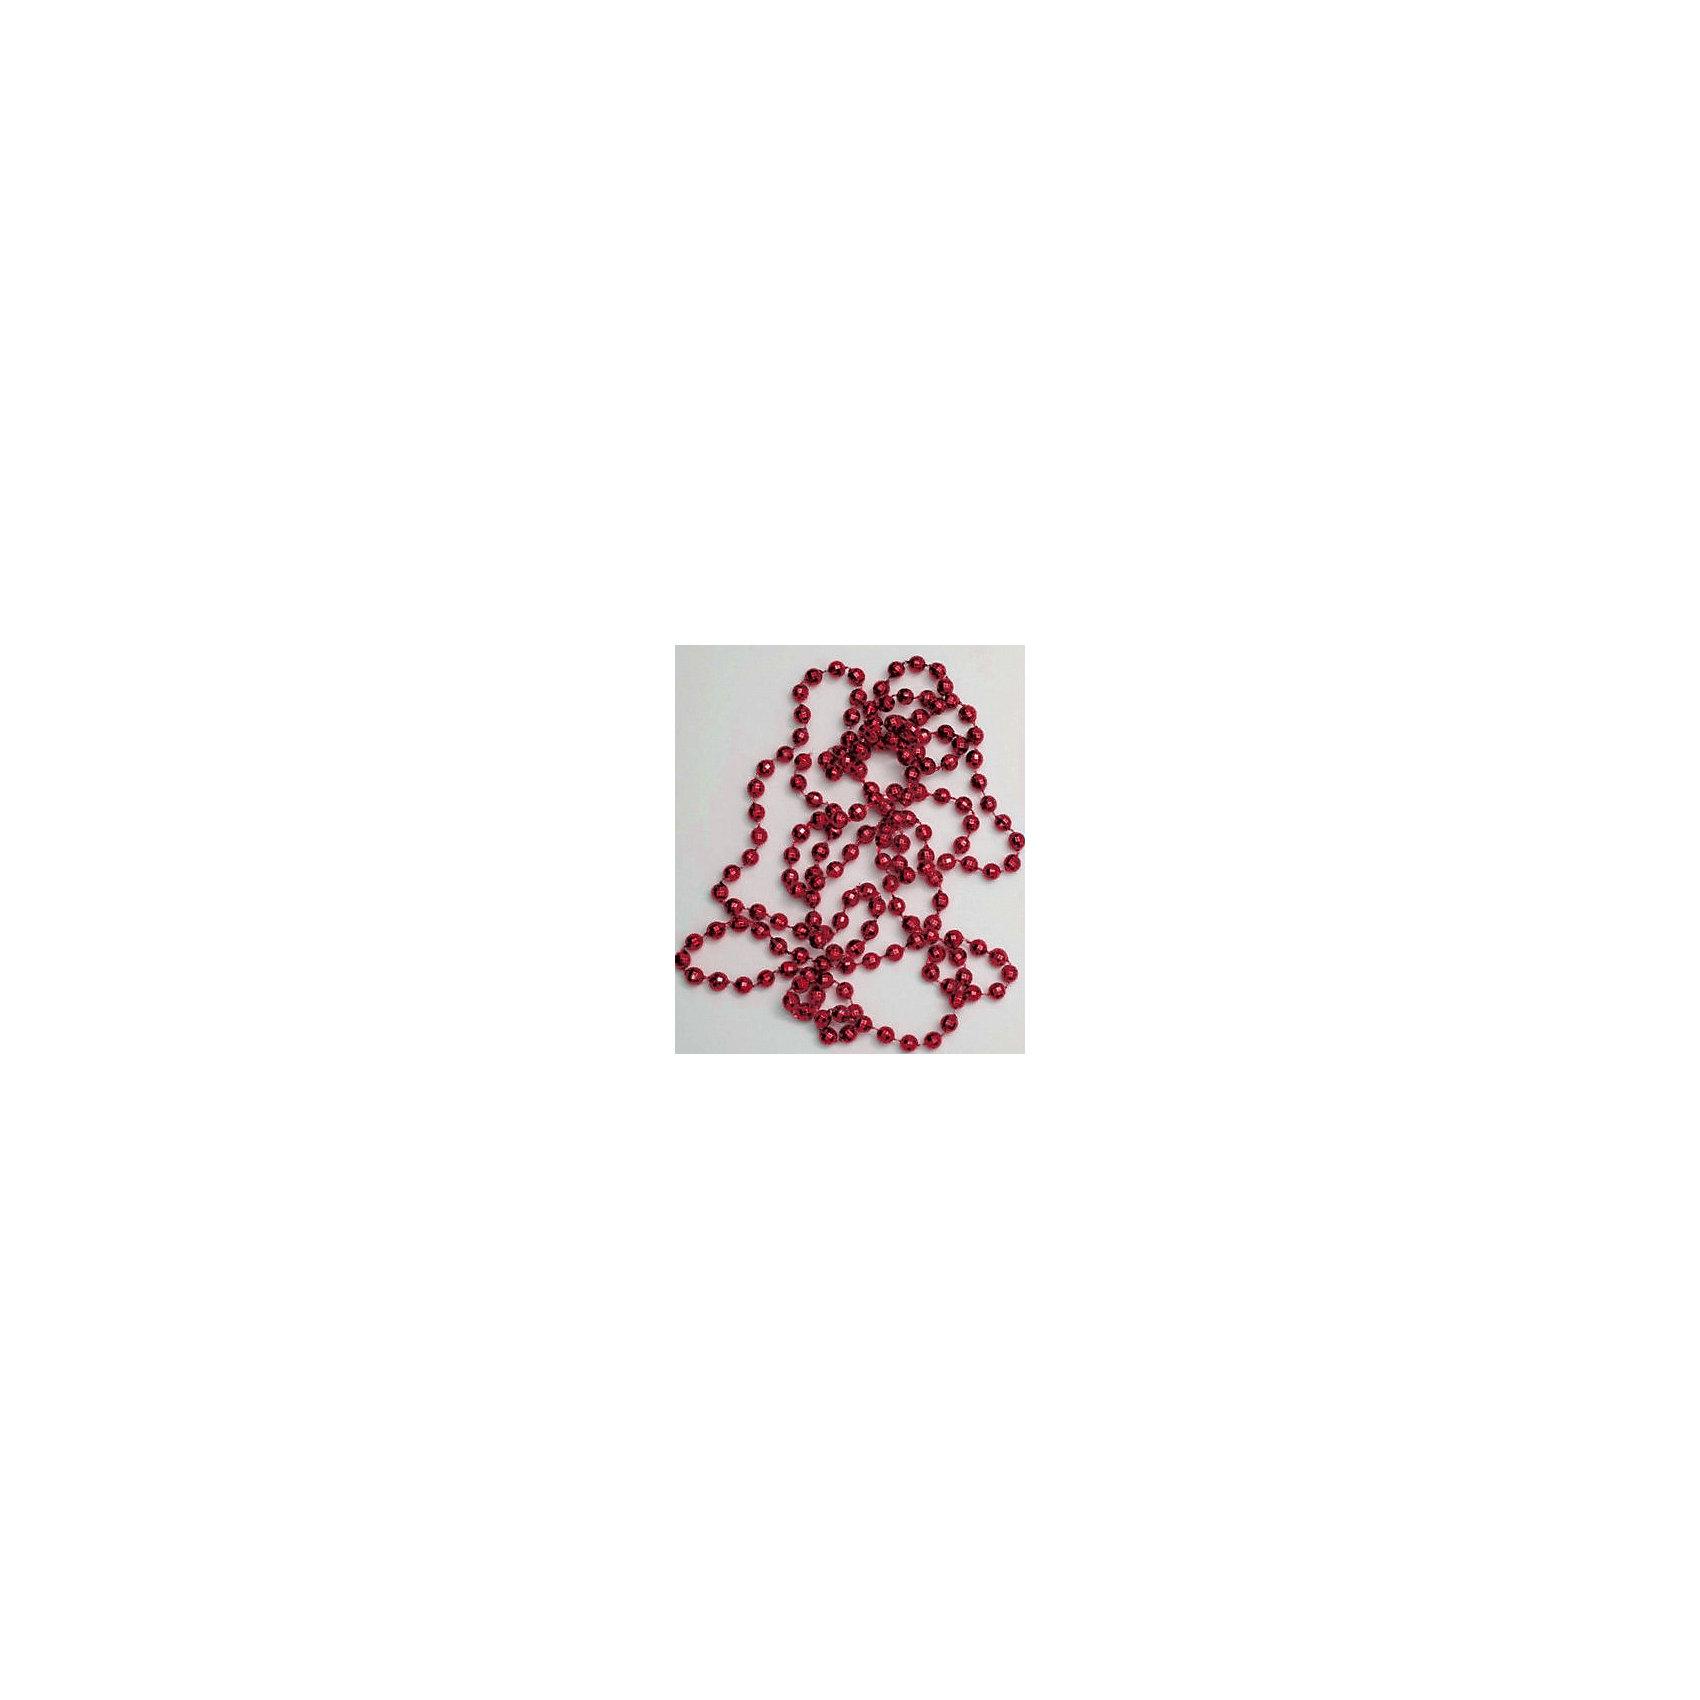 Гирлянда конфета красная, 270 смВсё для праздника<br>Характеристики товара:<br><br>• цвет: красный<br>• длина: 270 см<br>• размер упаковки: 105х28х1 см<br>• комплектация: 1 шт<br>• материал: полимер<br>• для украшения интерьера <br>• страна производства: Китай<br><br>Новогодний антураж трудно представить без гирлянды! Это блестящее украшение будет отлично смотреться в окружении любой цветовой гаммы, оно качественно выполнено и нарядно смотрится. С помощью такой гирлянды можно оригинально декорировать квартиру к празднику или украсить ёлку.<br>Такие небольшие детали и создают праздник! От них во многом зависит хорошее новогоднее настроение. Изделие производится из качественных сертифицированных материалов, безопасных даже для самых маленьких.<br><br>Украшение Гирлянда конфета красная, 270 см можно купить в нашем интернет-магазине.<br><br>Ширина мм: 105<br>Глубина мм: 10<br>Высота мм: 280<br>Вес г: 400<br>Возраст от месяцев: 72<br>Возраст до месяцев: 480<br>Пол: Унисекс<br>Возраст: Детский<br>SKU: 5051637